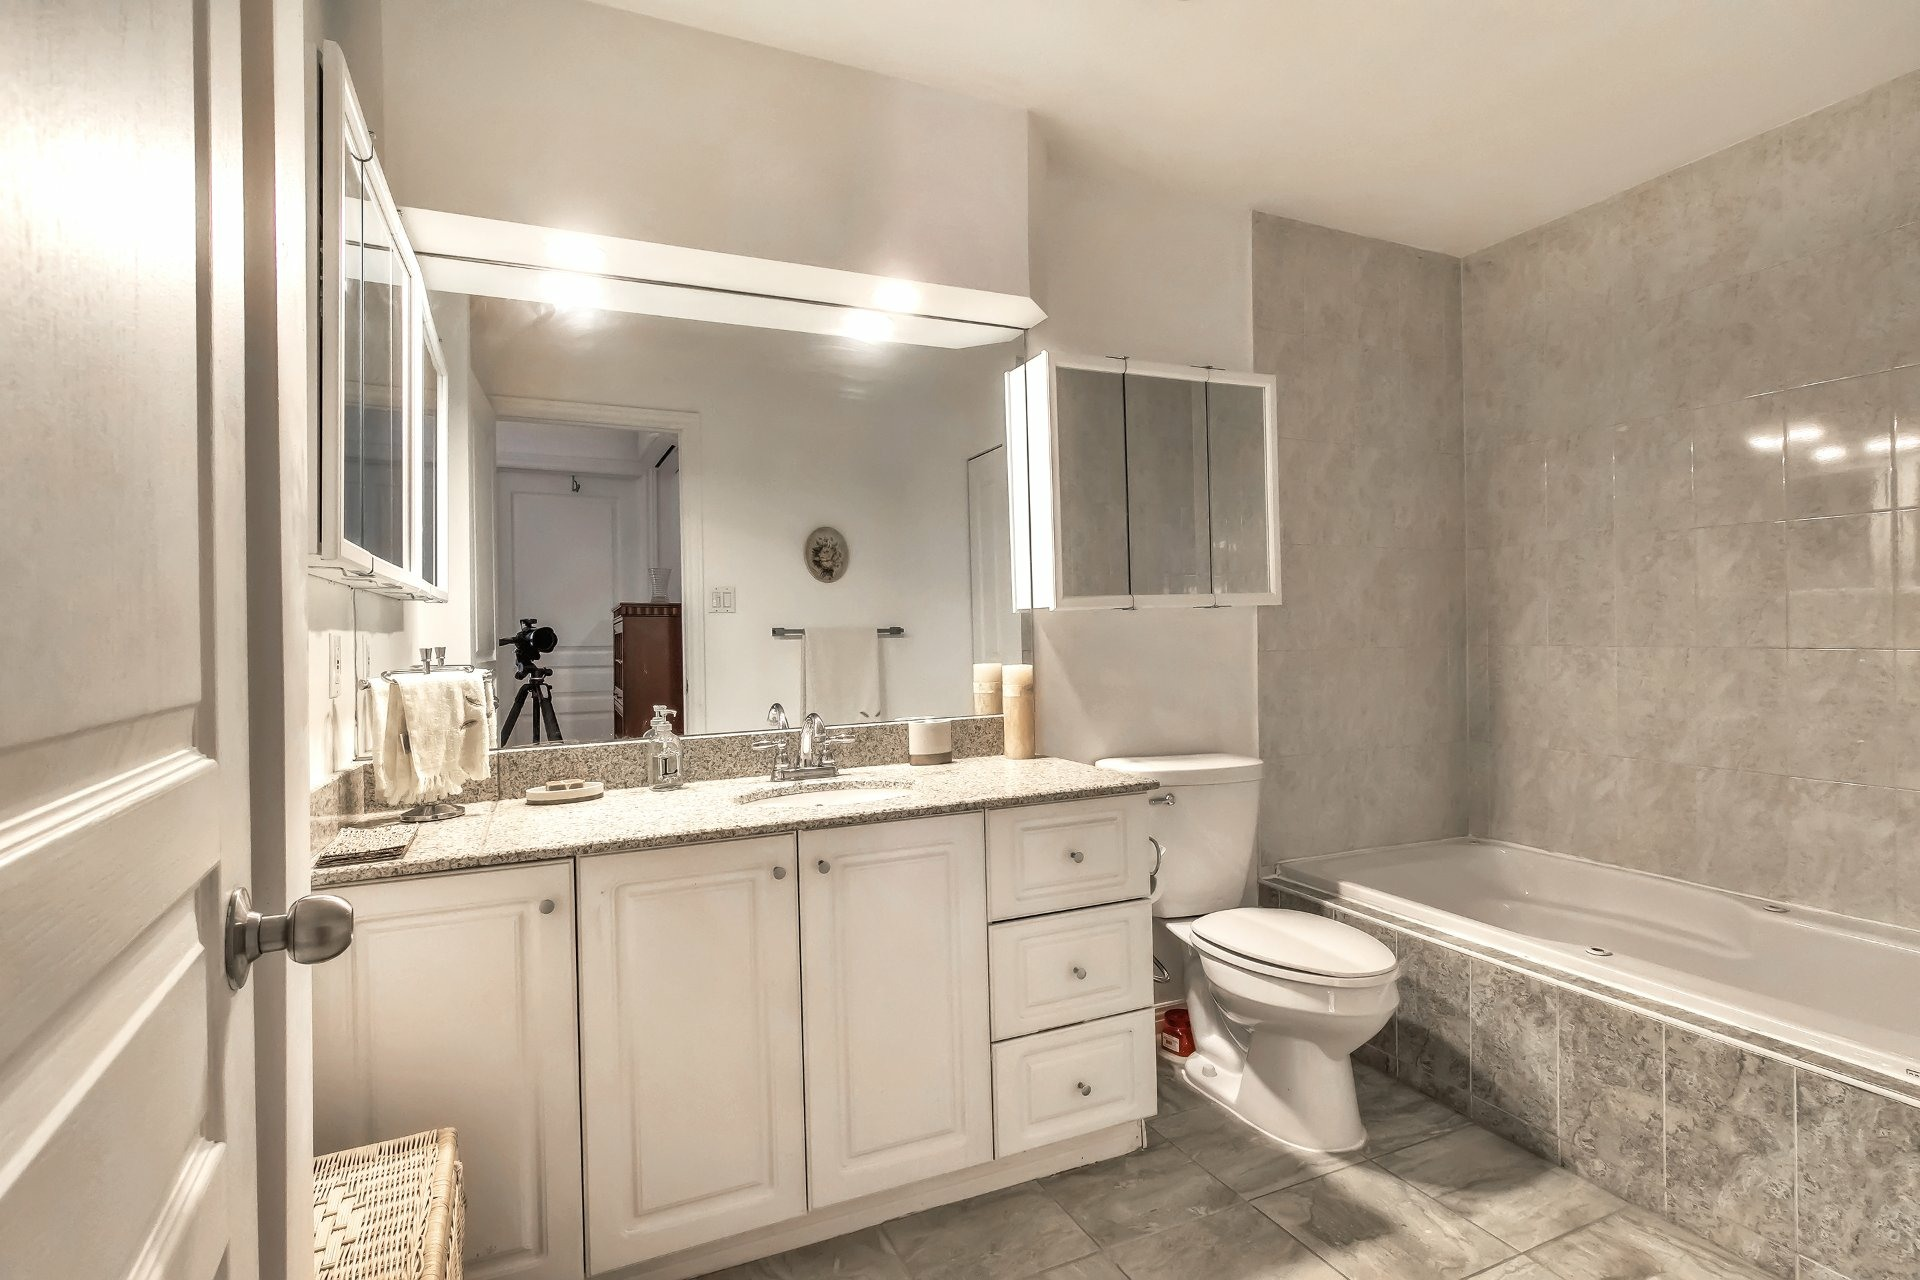 image 6 - Departamento En venta Côte-des-Neiges/Notre-Dame-de-Grâce Montréal  - 6 habitaciones